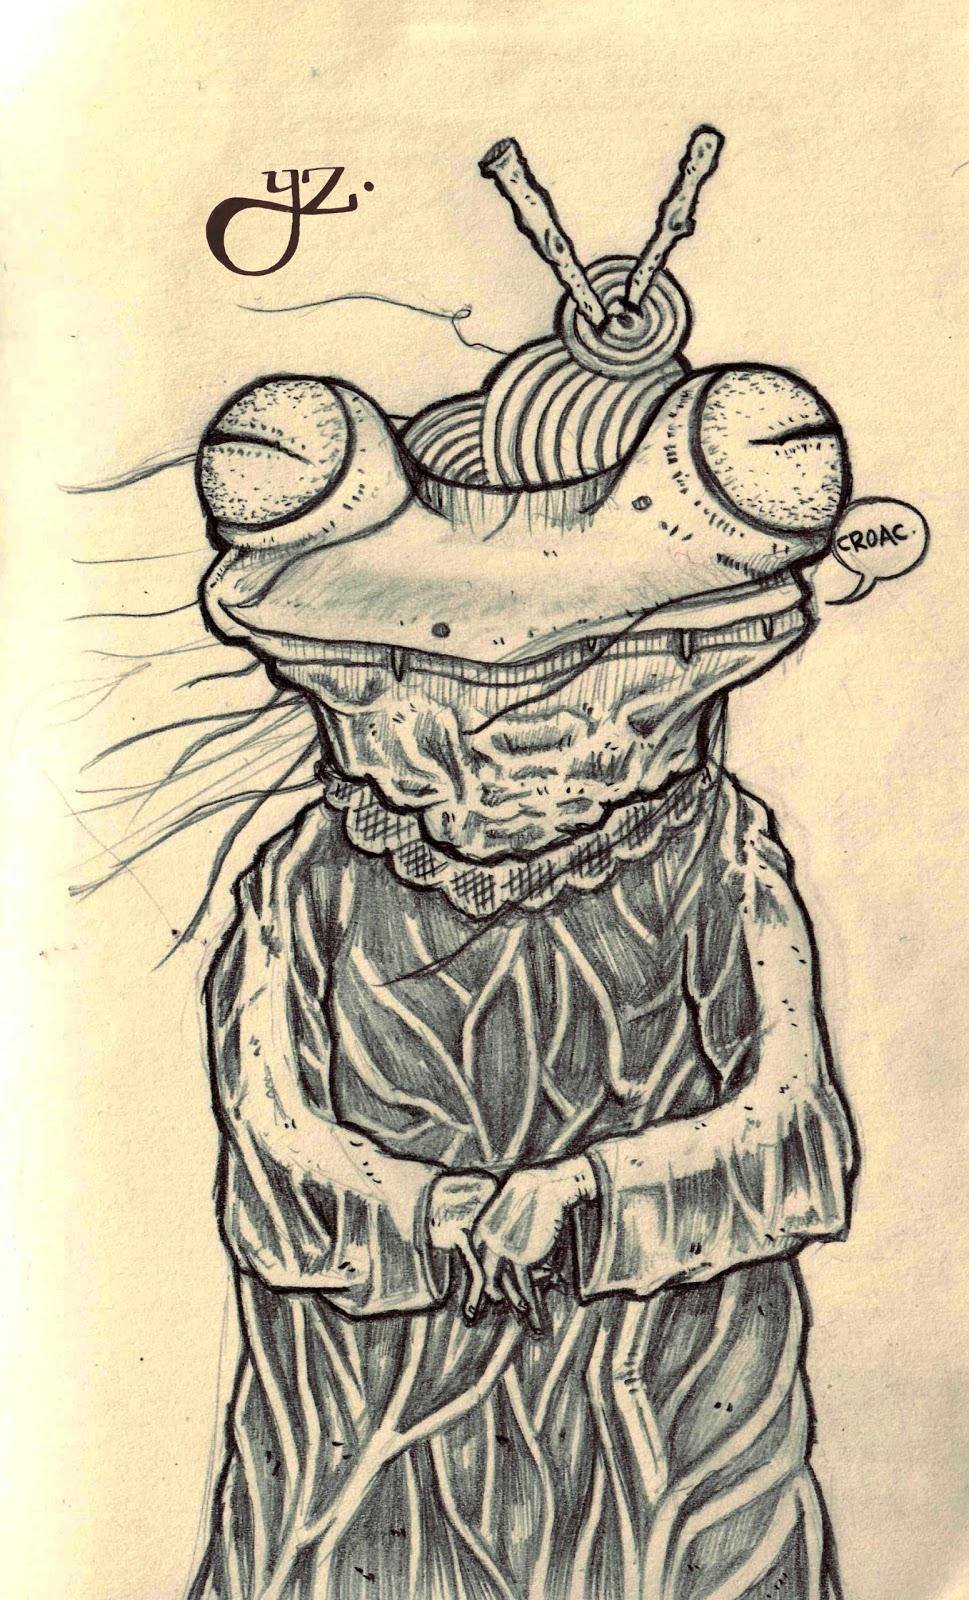 Yunyas: Bocetos a lápiz: Piel Flácida y Rana Anciana